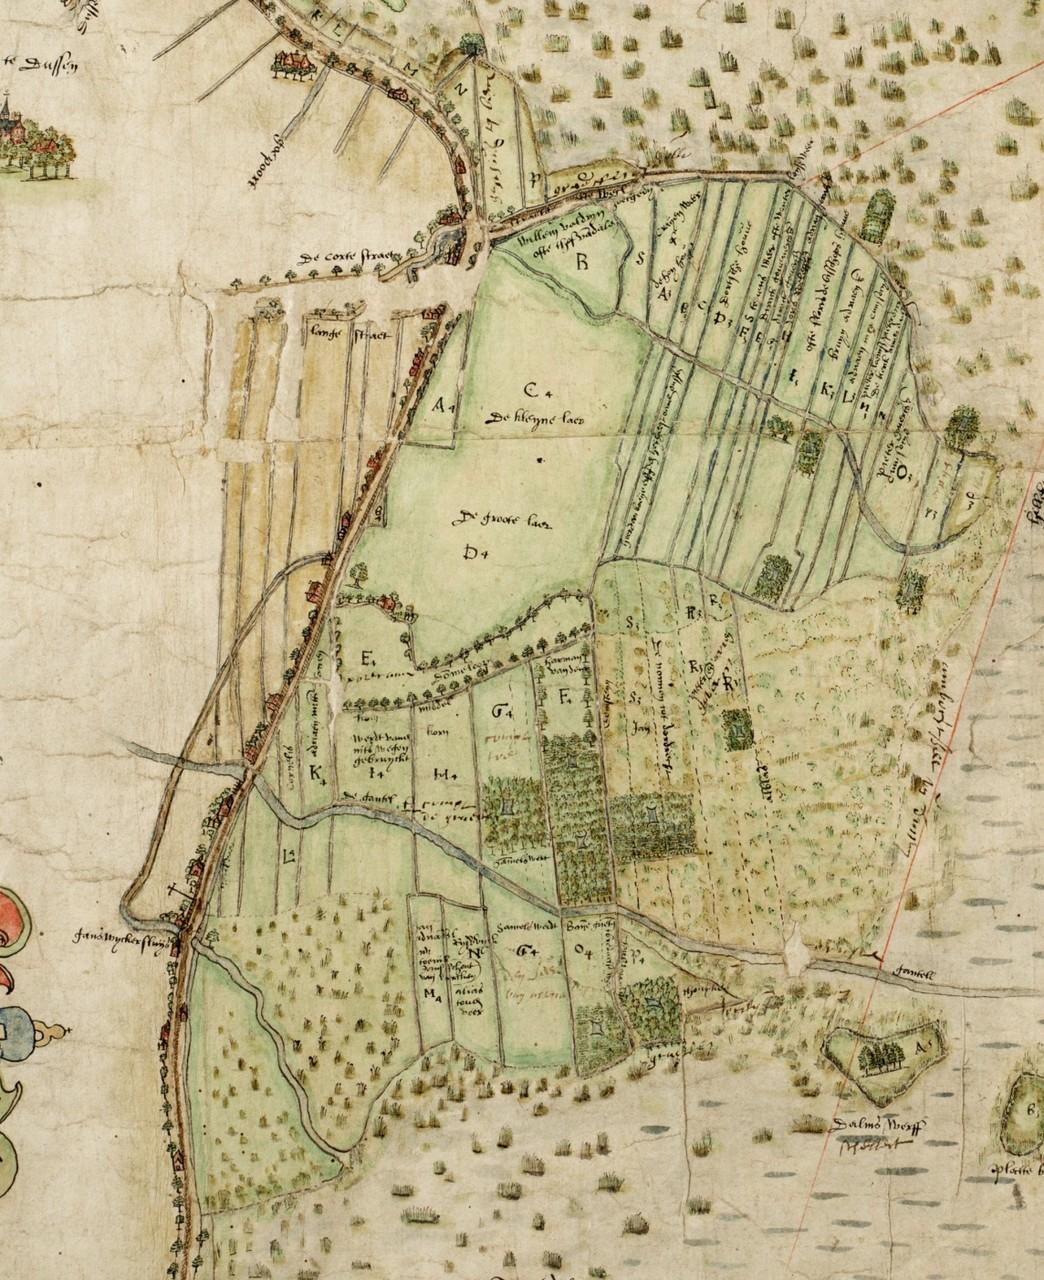 Grote en Kleine Laer in de zestiende eeuw. Bij A staat nu het pand Dussendijk 26